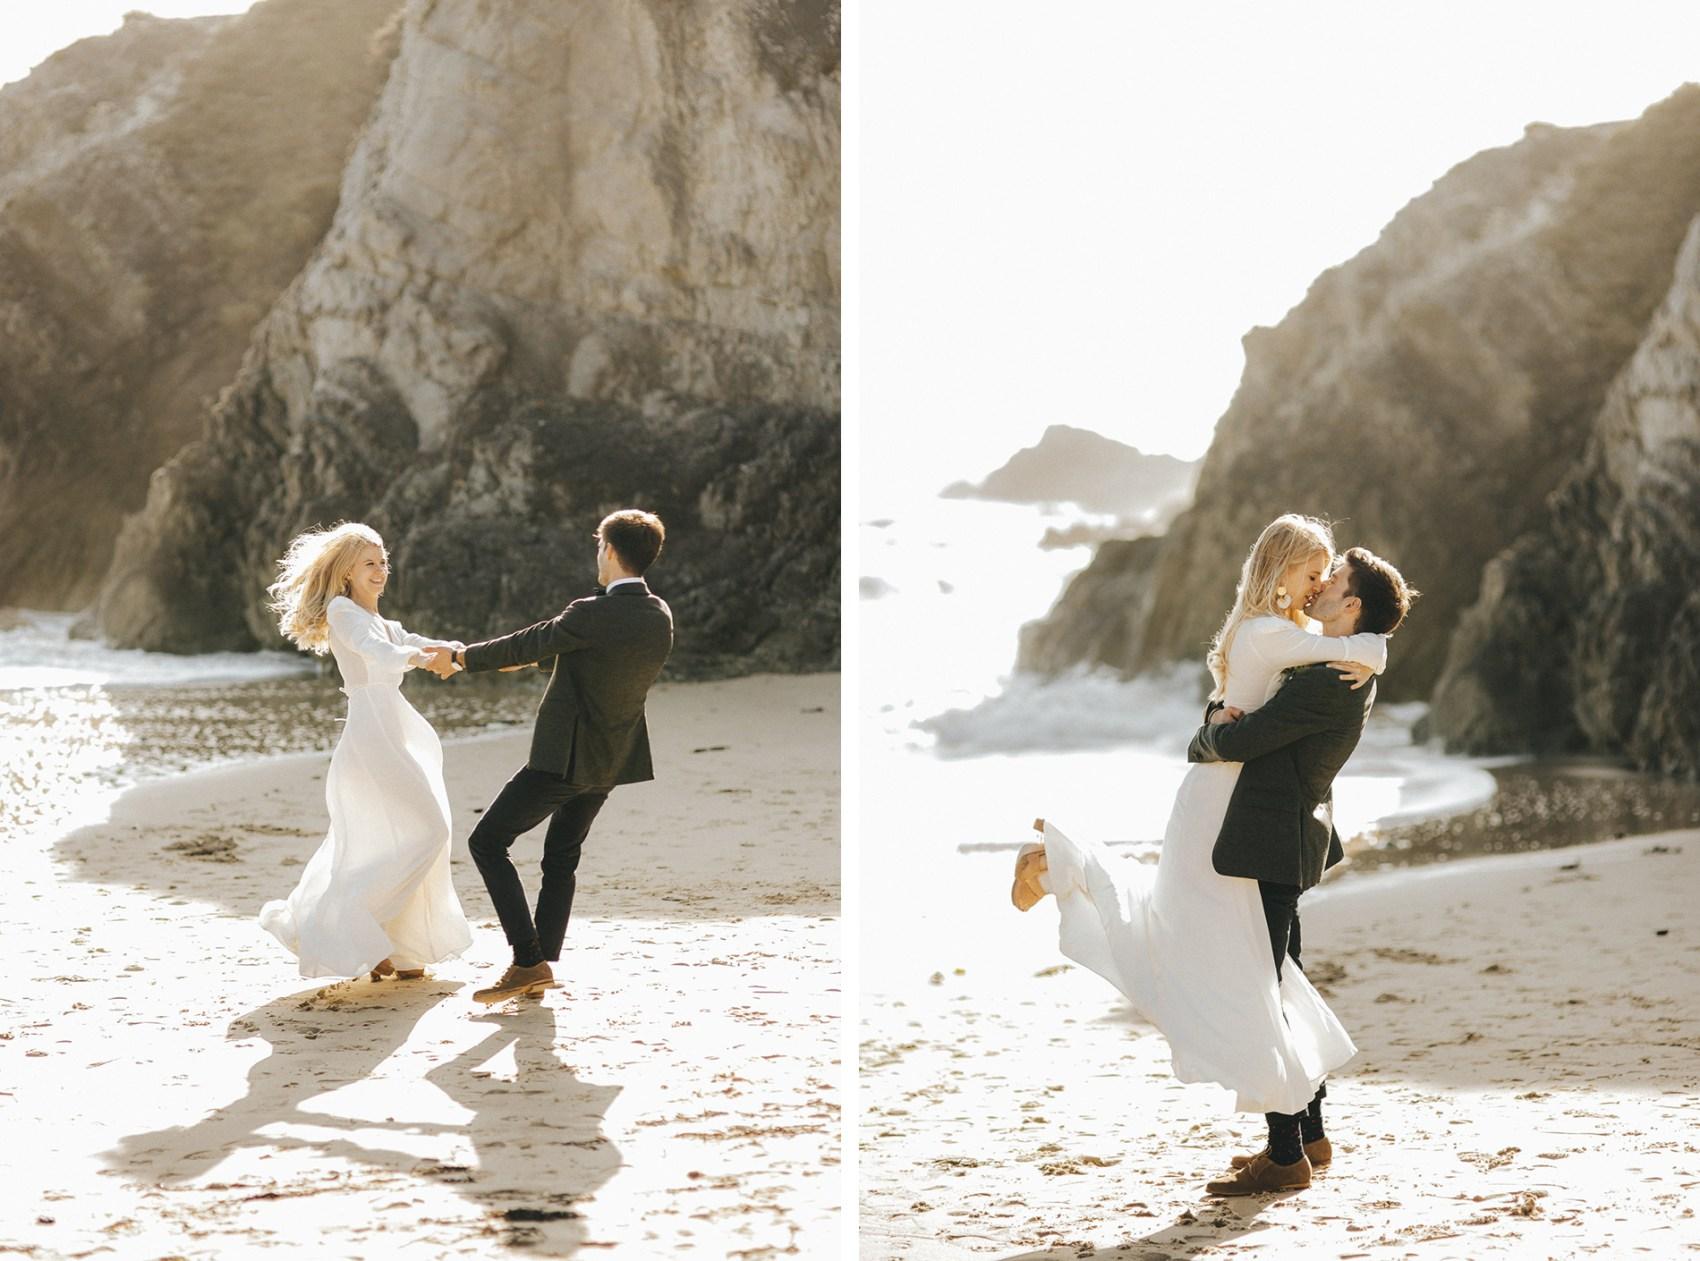 intimate-wedding-la-baule-pouliguen-mariage-113-copie.jpg